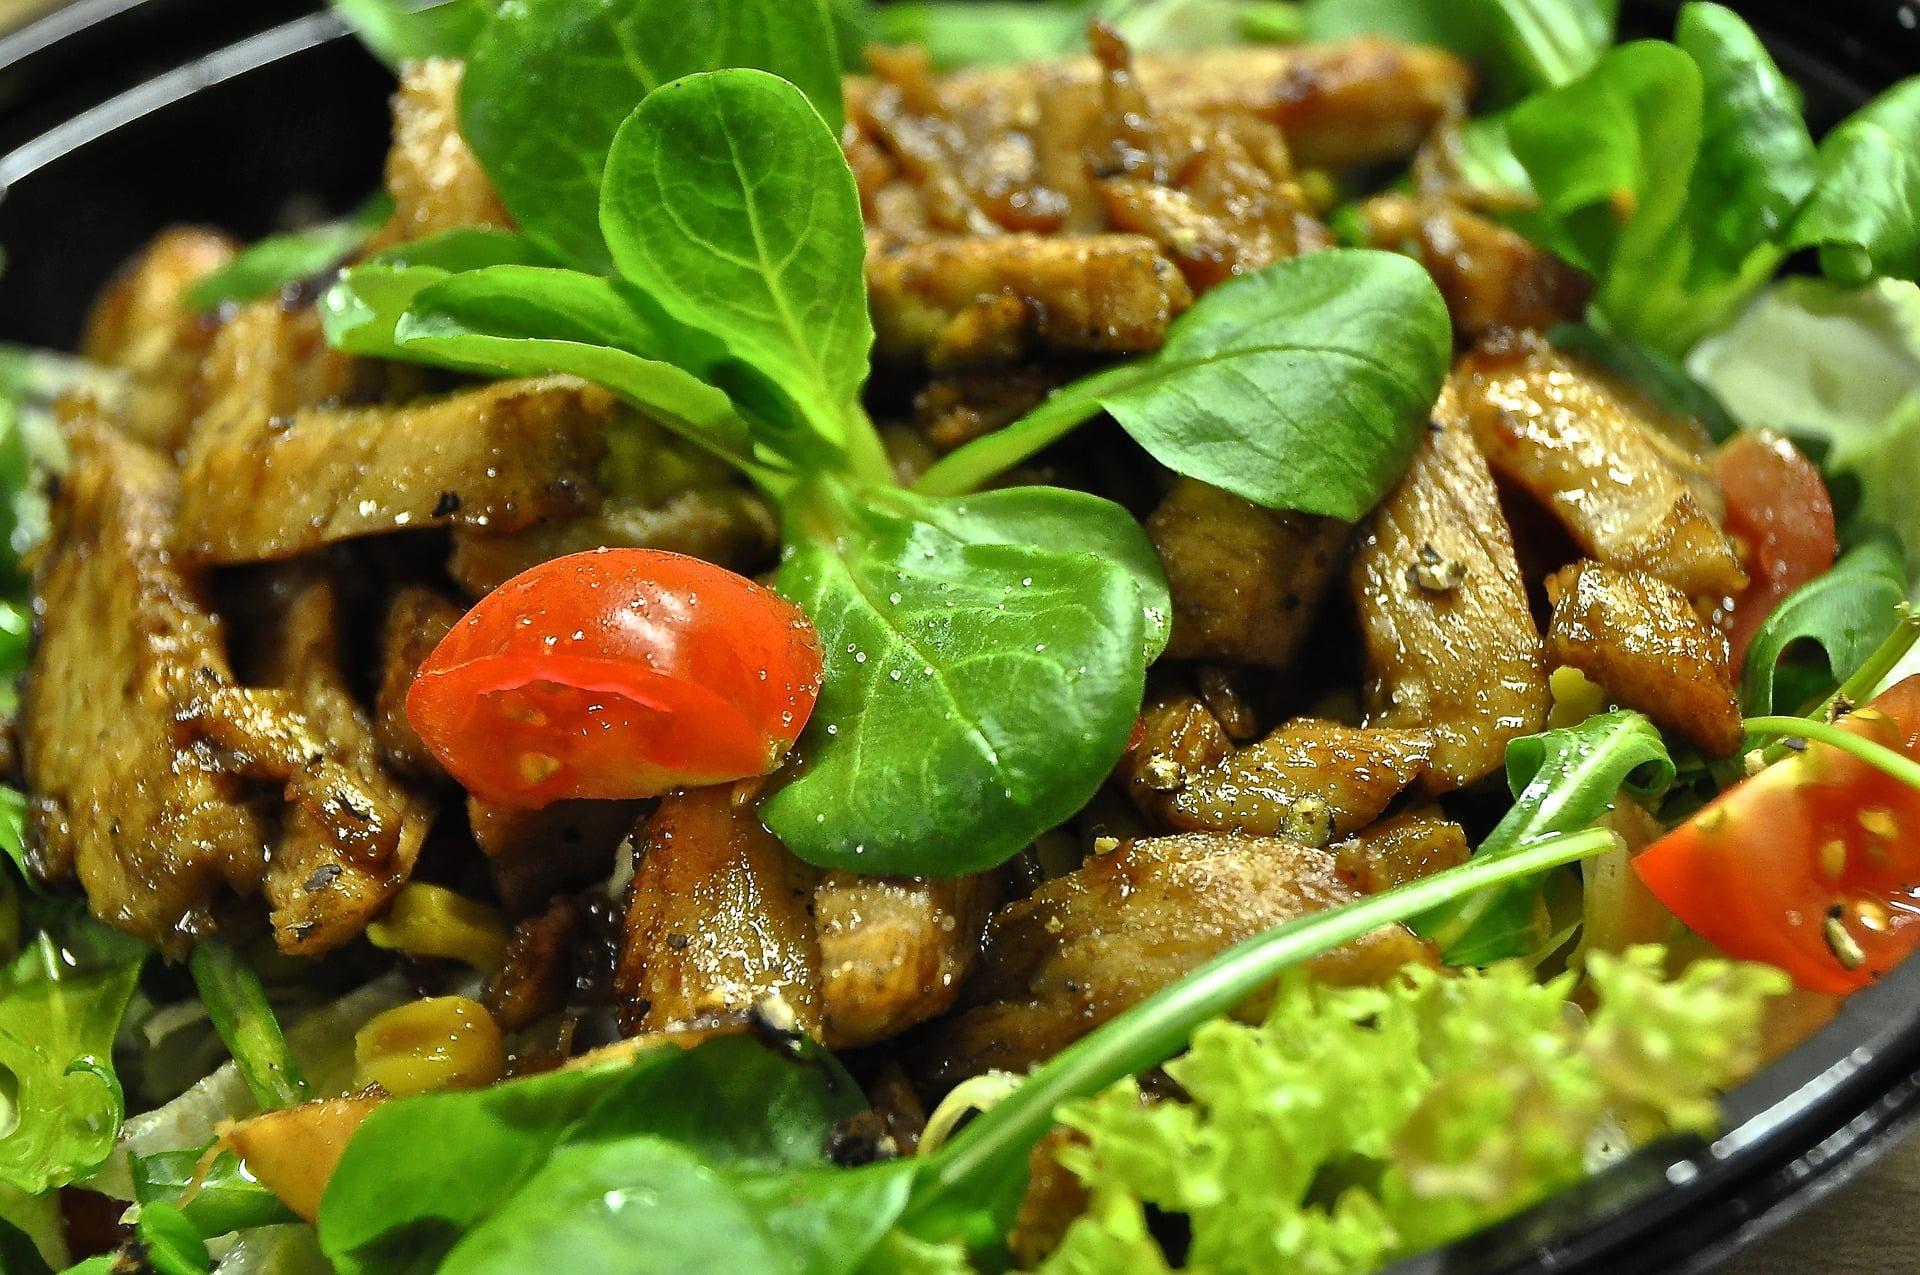 Gemischter Salat mit Rind und einem Joghurt-Senf-Dressing